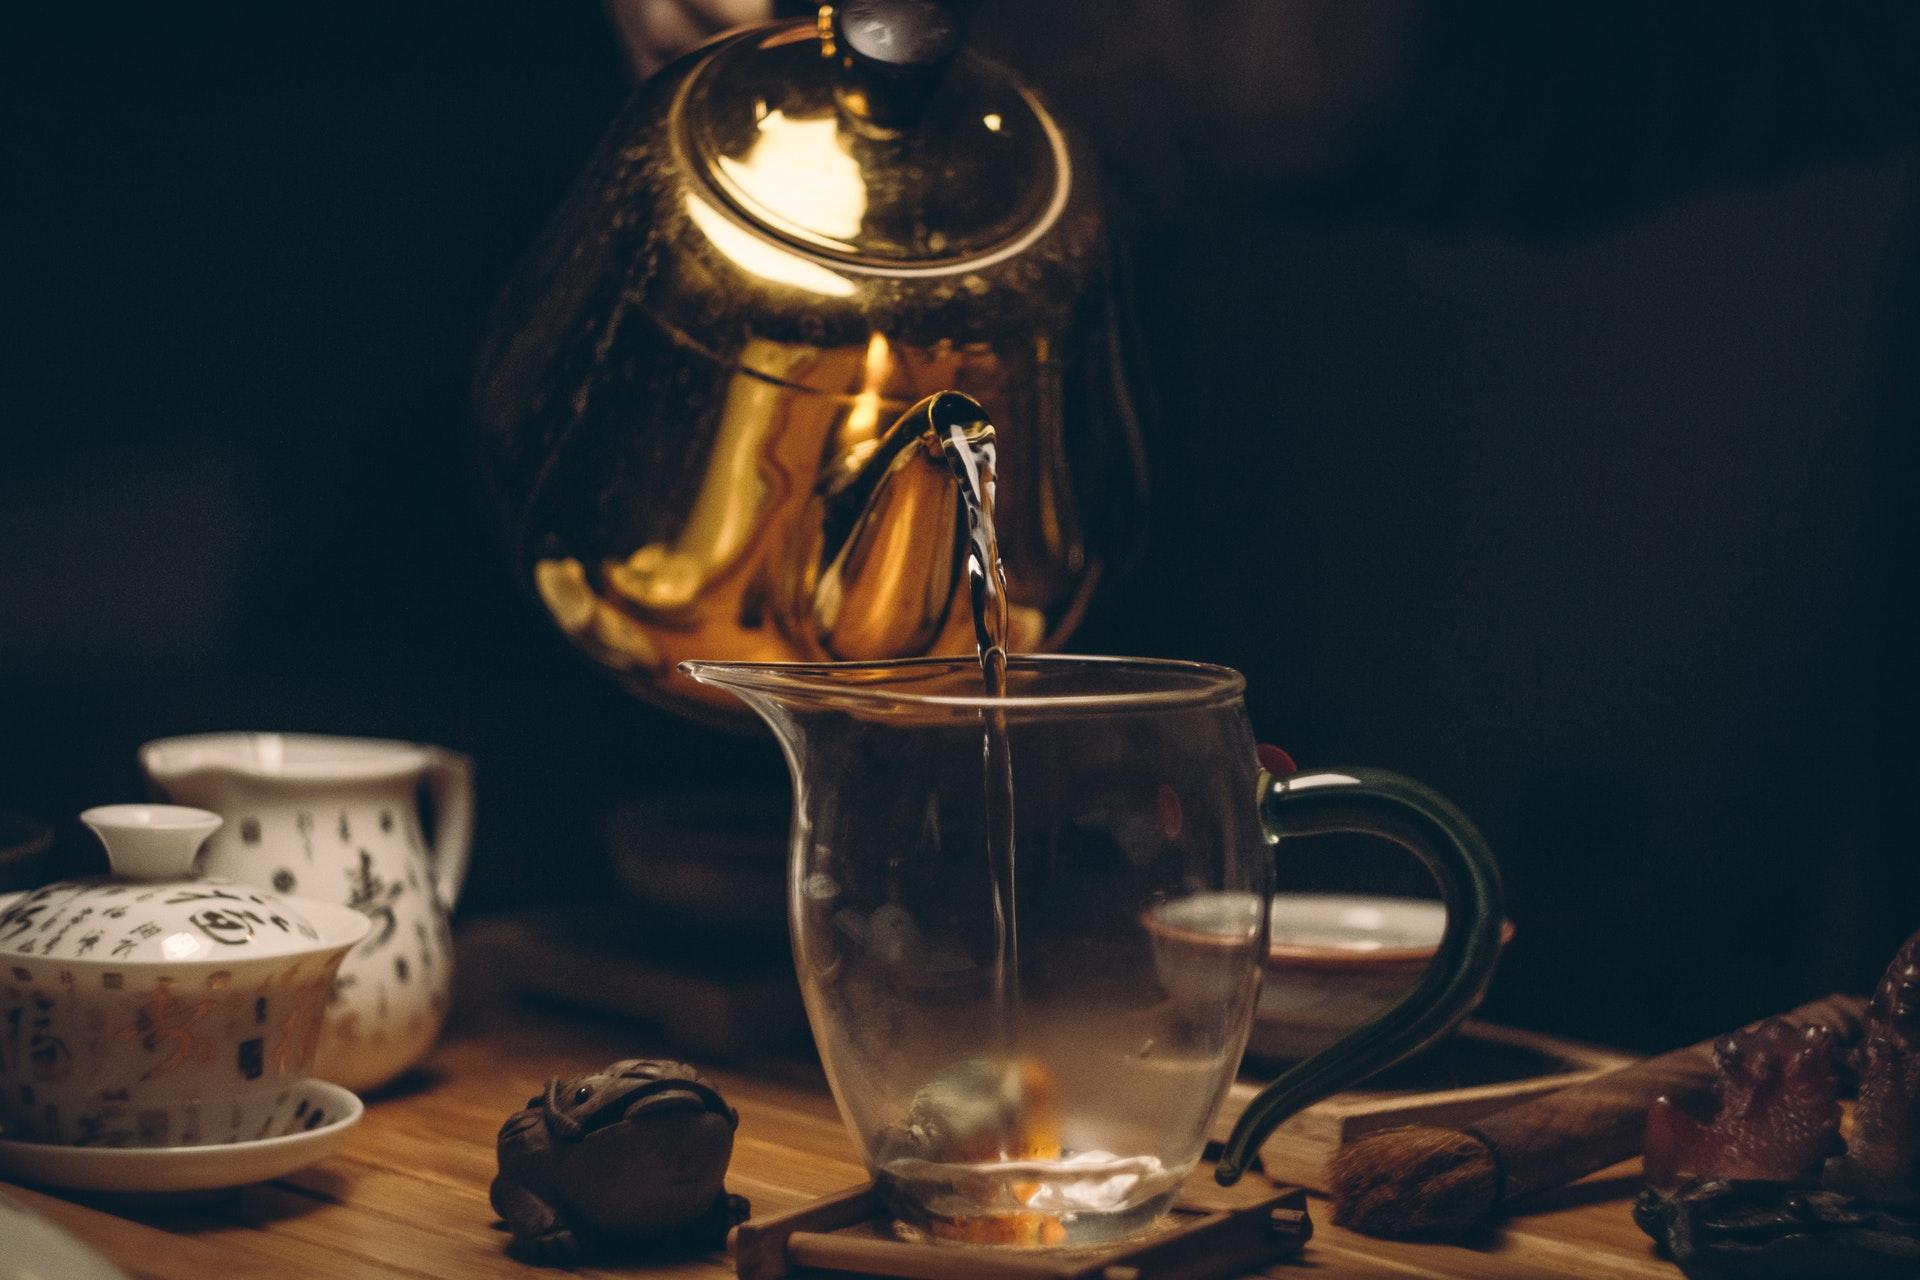 Ученые Университета Нортумбрии назвали терпение главным ингредиентом идеального чая